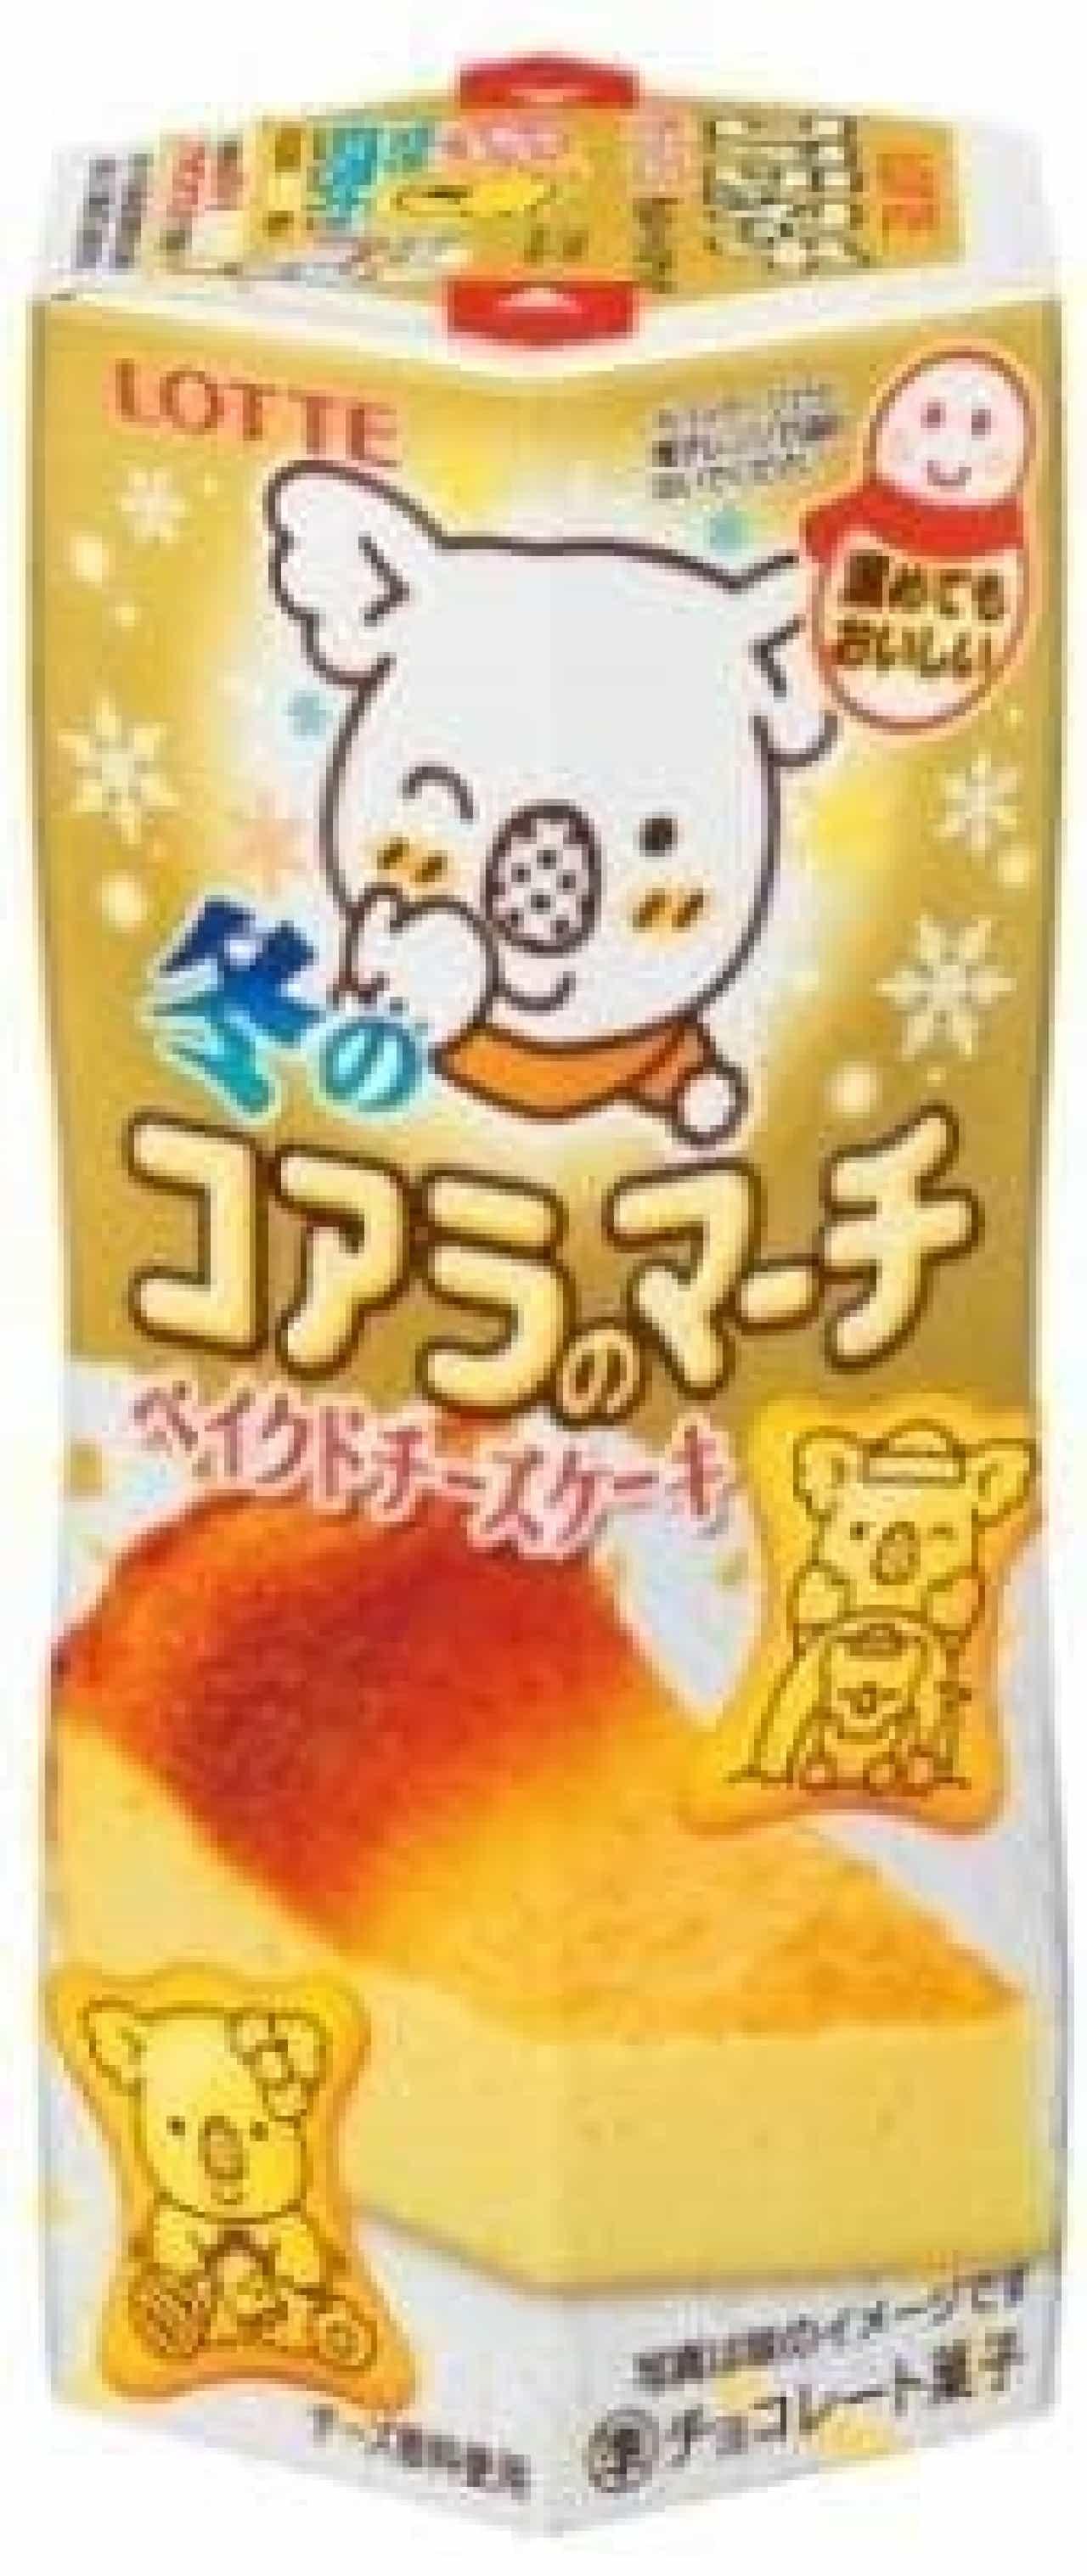 温めて食べてもおいしい? 冬季限定の「コアラのマーチ」「パイの実」